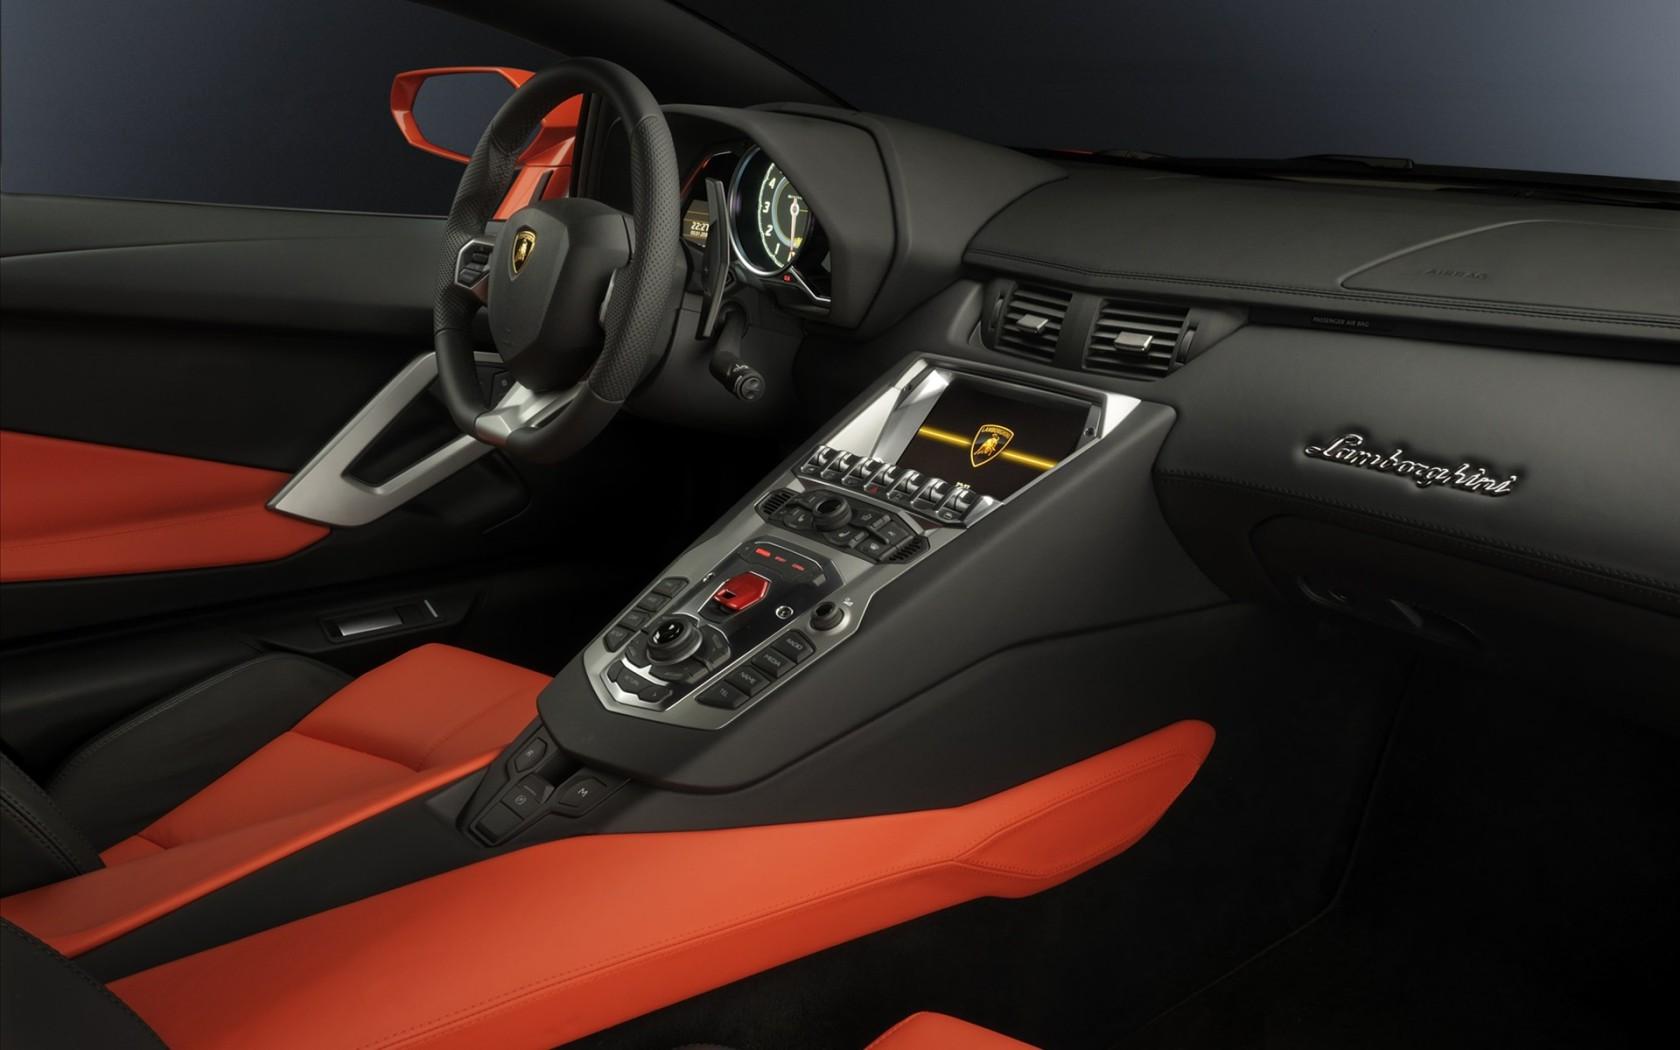 2011 Lamborghini Aventador Interior Wallpaper in 1680x1050 ...